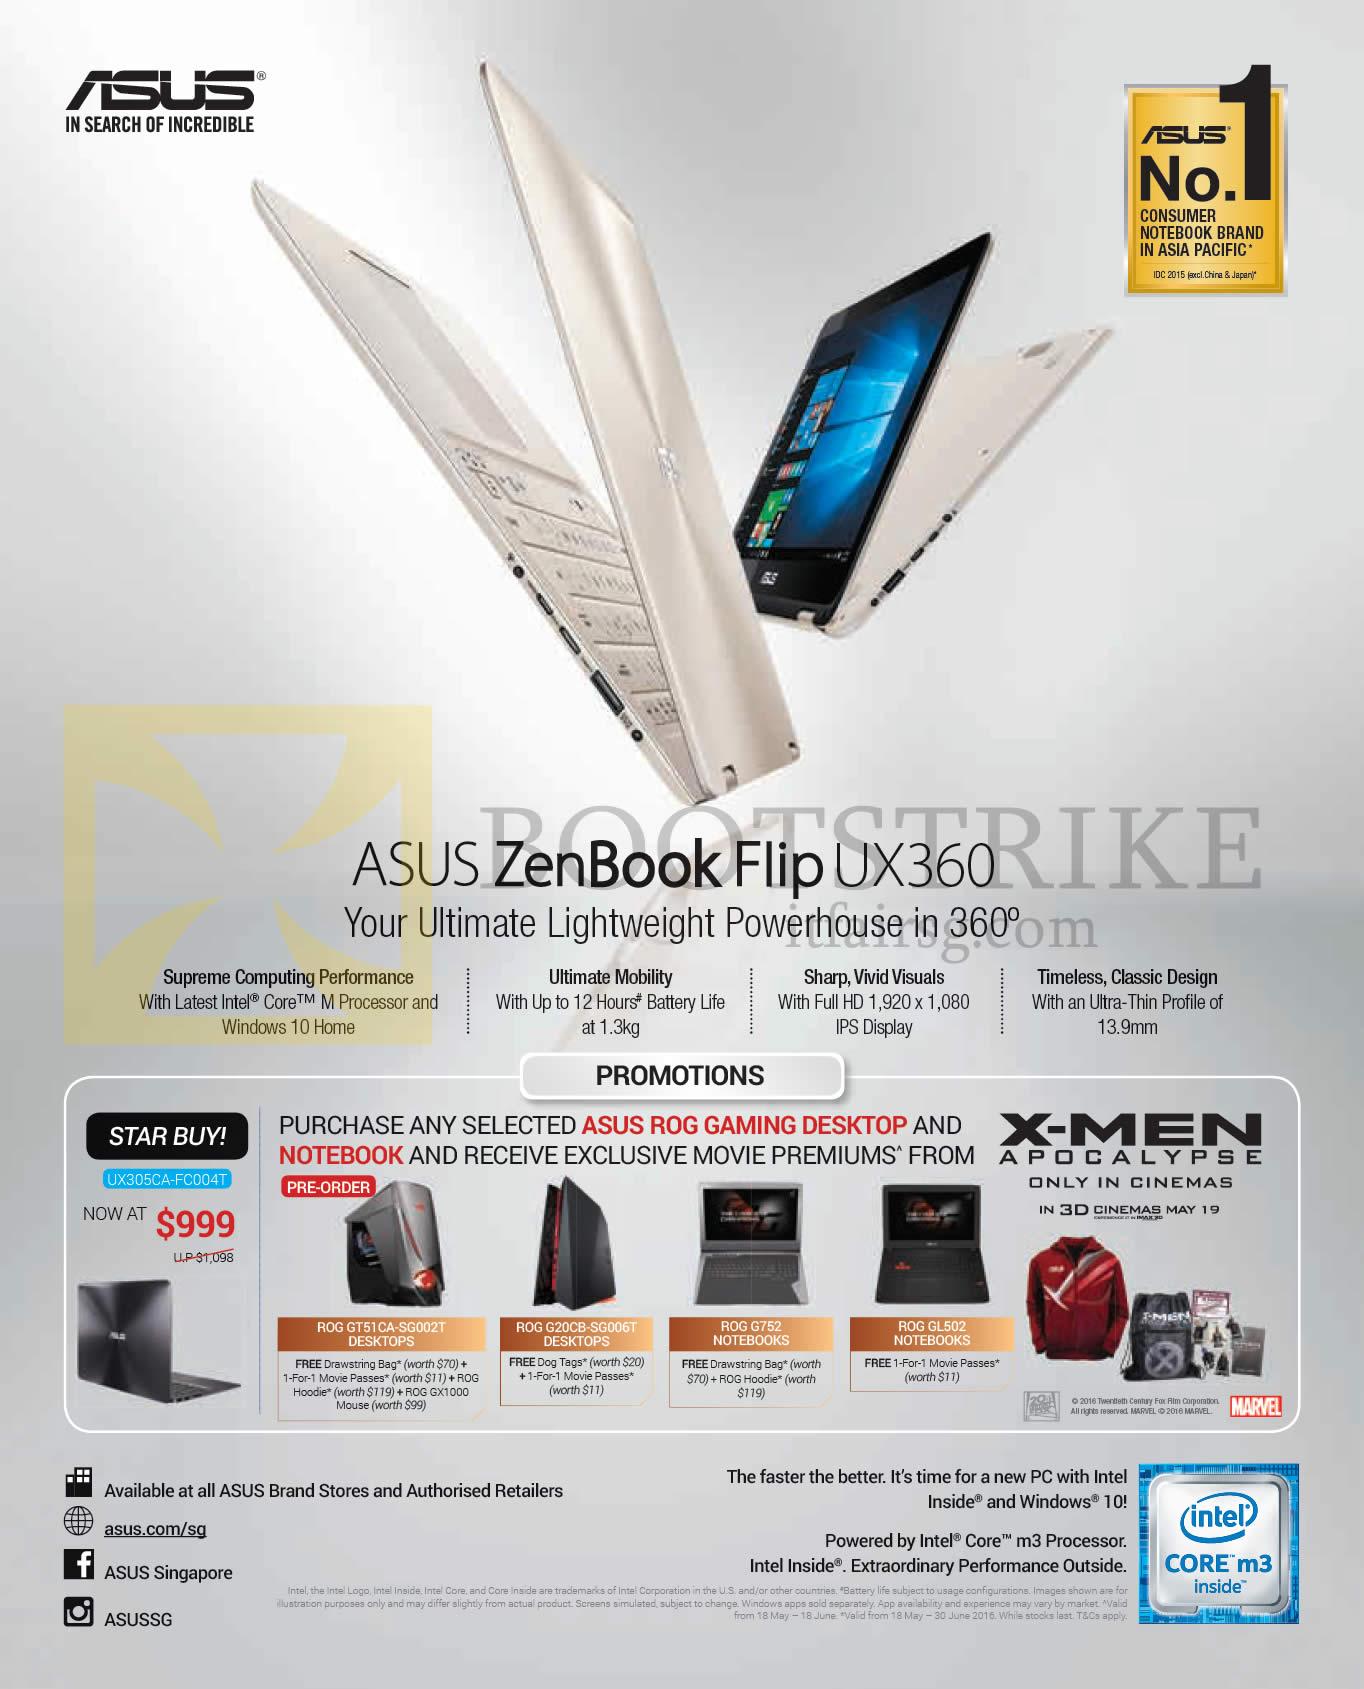 PC SHOW 2016 price list image brochure of ASUS Notebook ZenBook Flip UX360